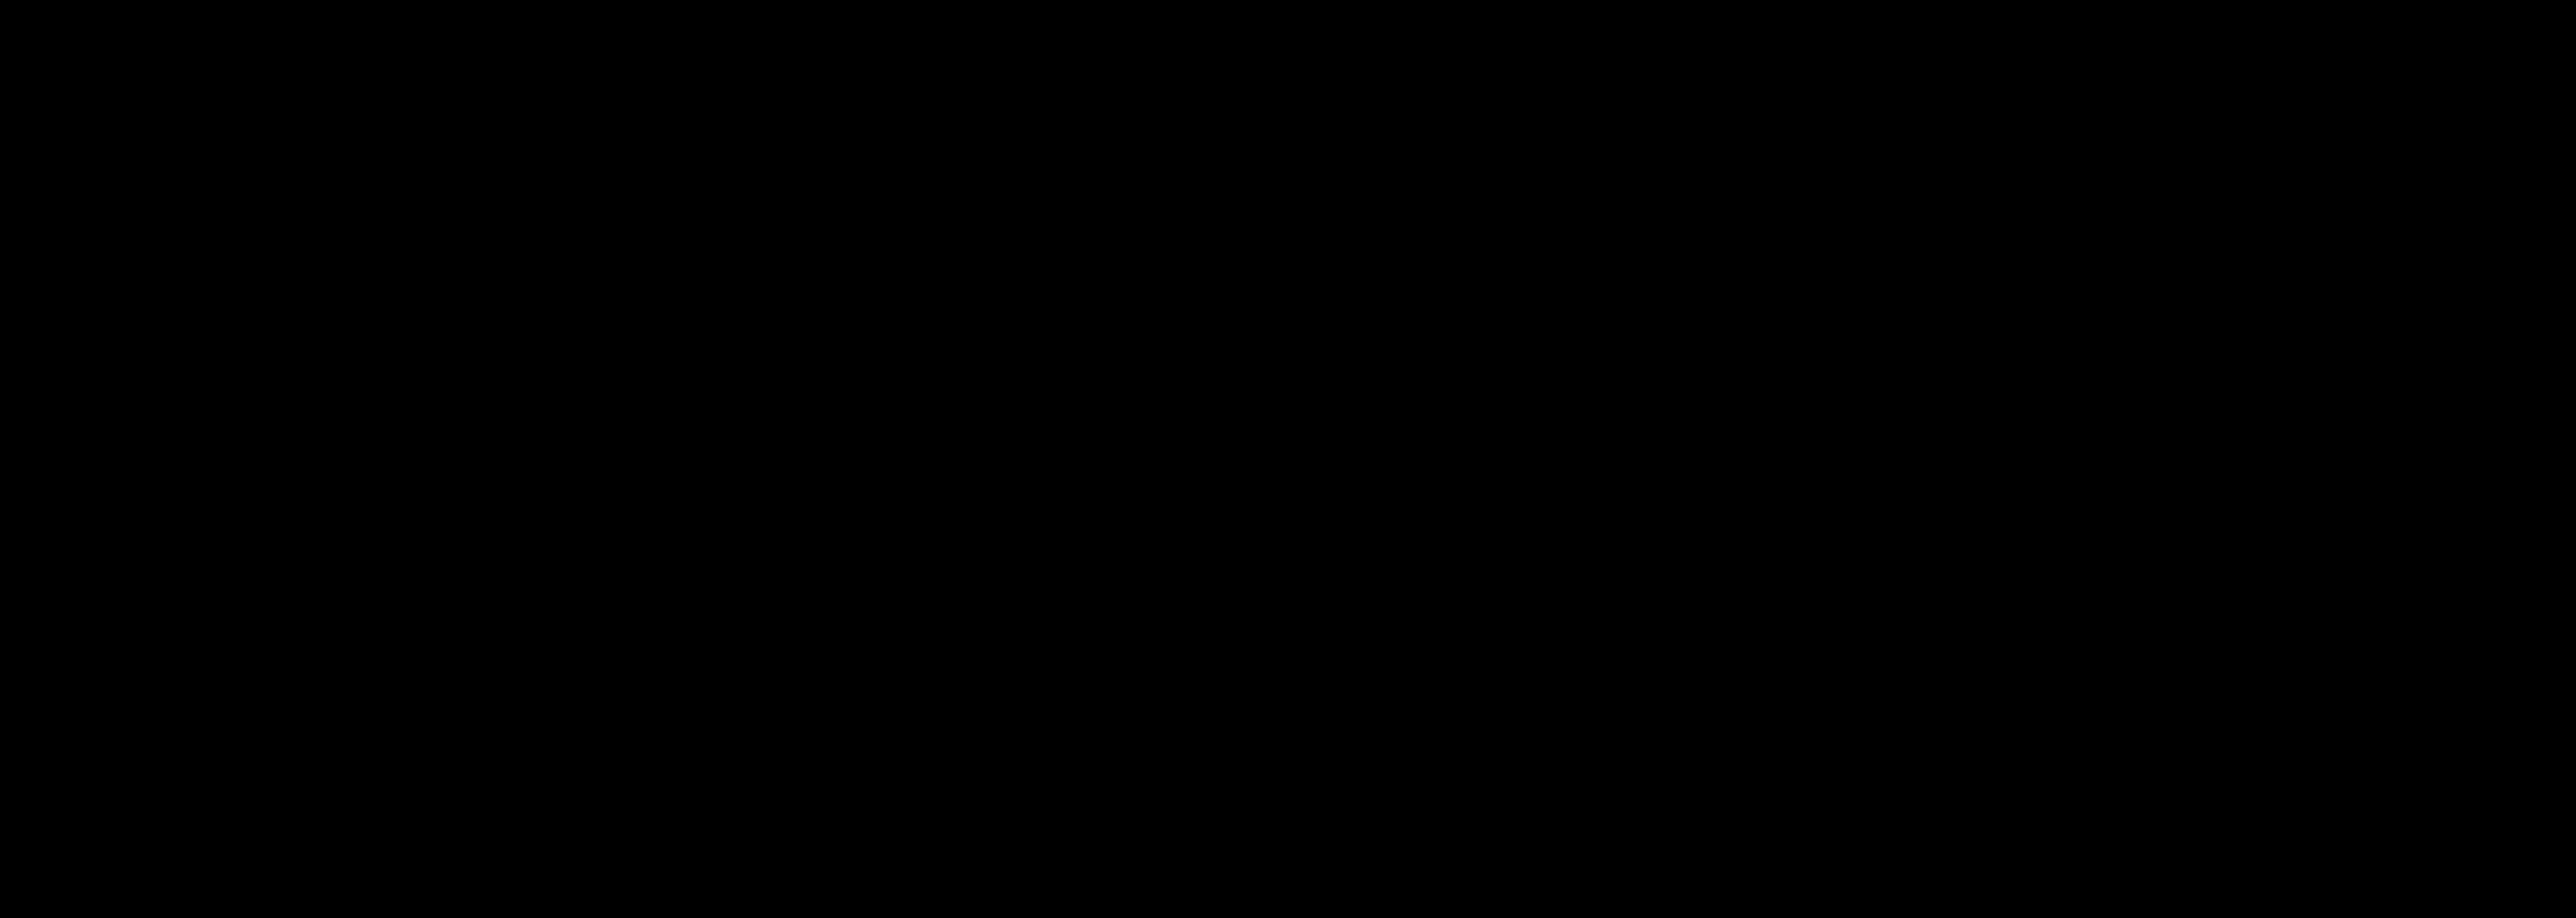 nike logo 1 - Nike Logo